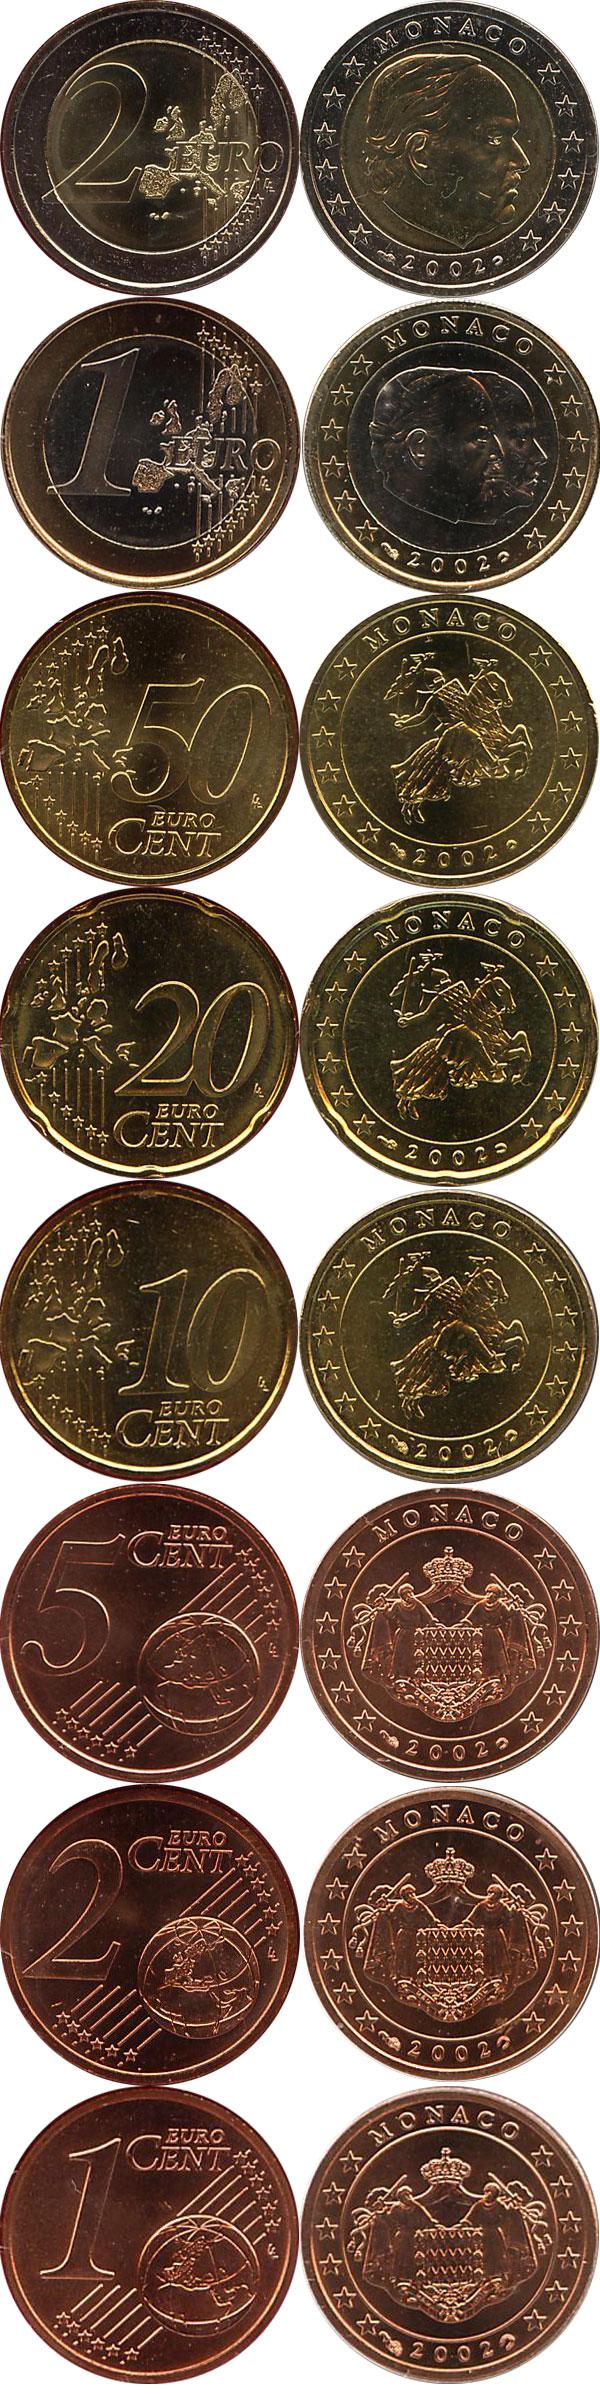 Картинка Подарочные наборы Монако Евронабор 2002 года  2002